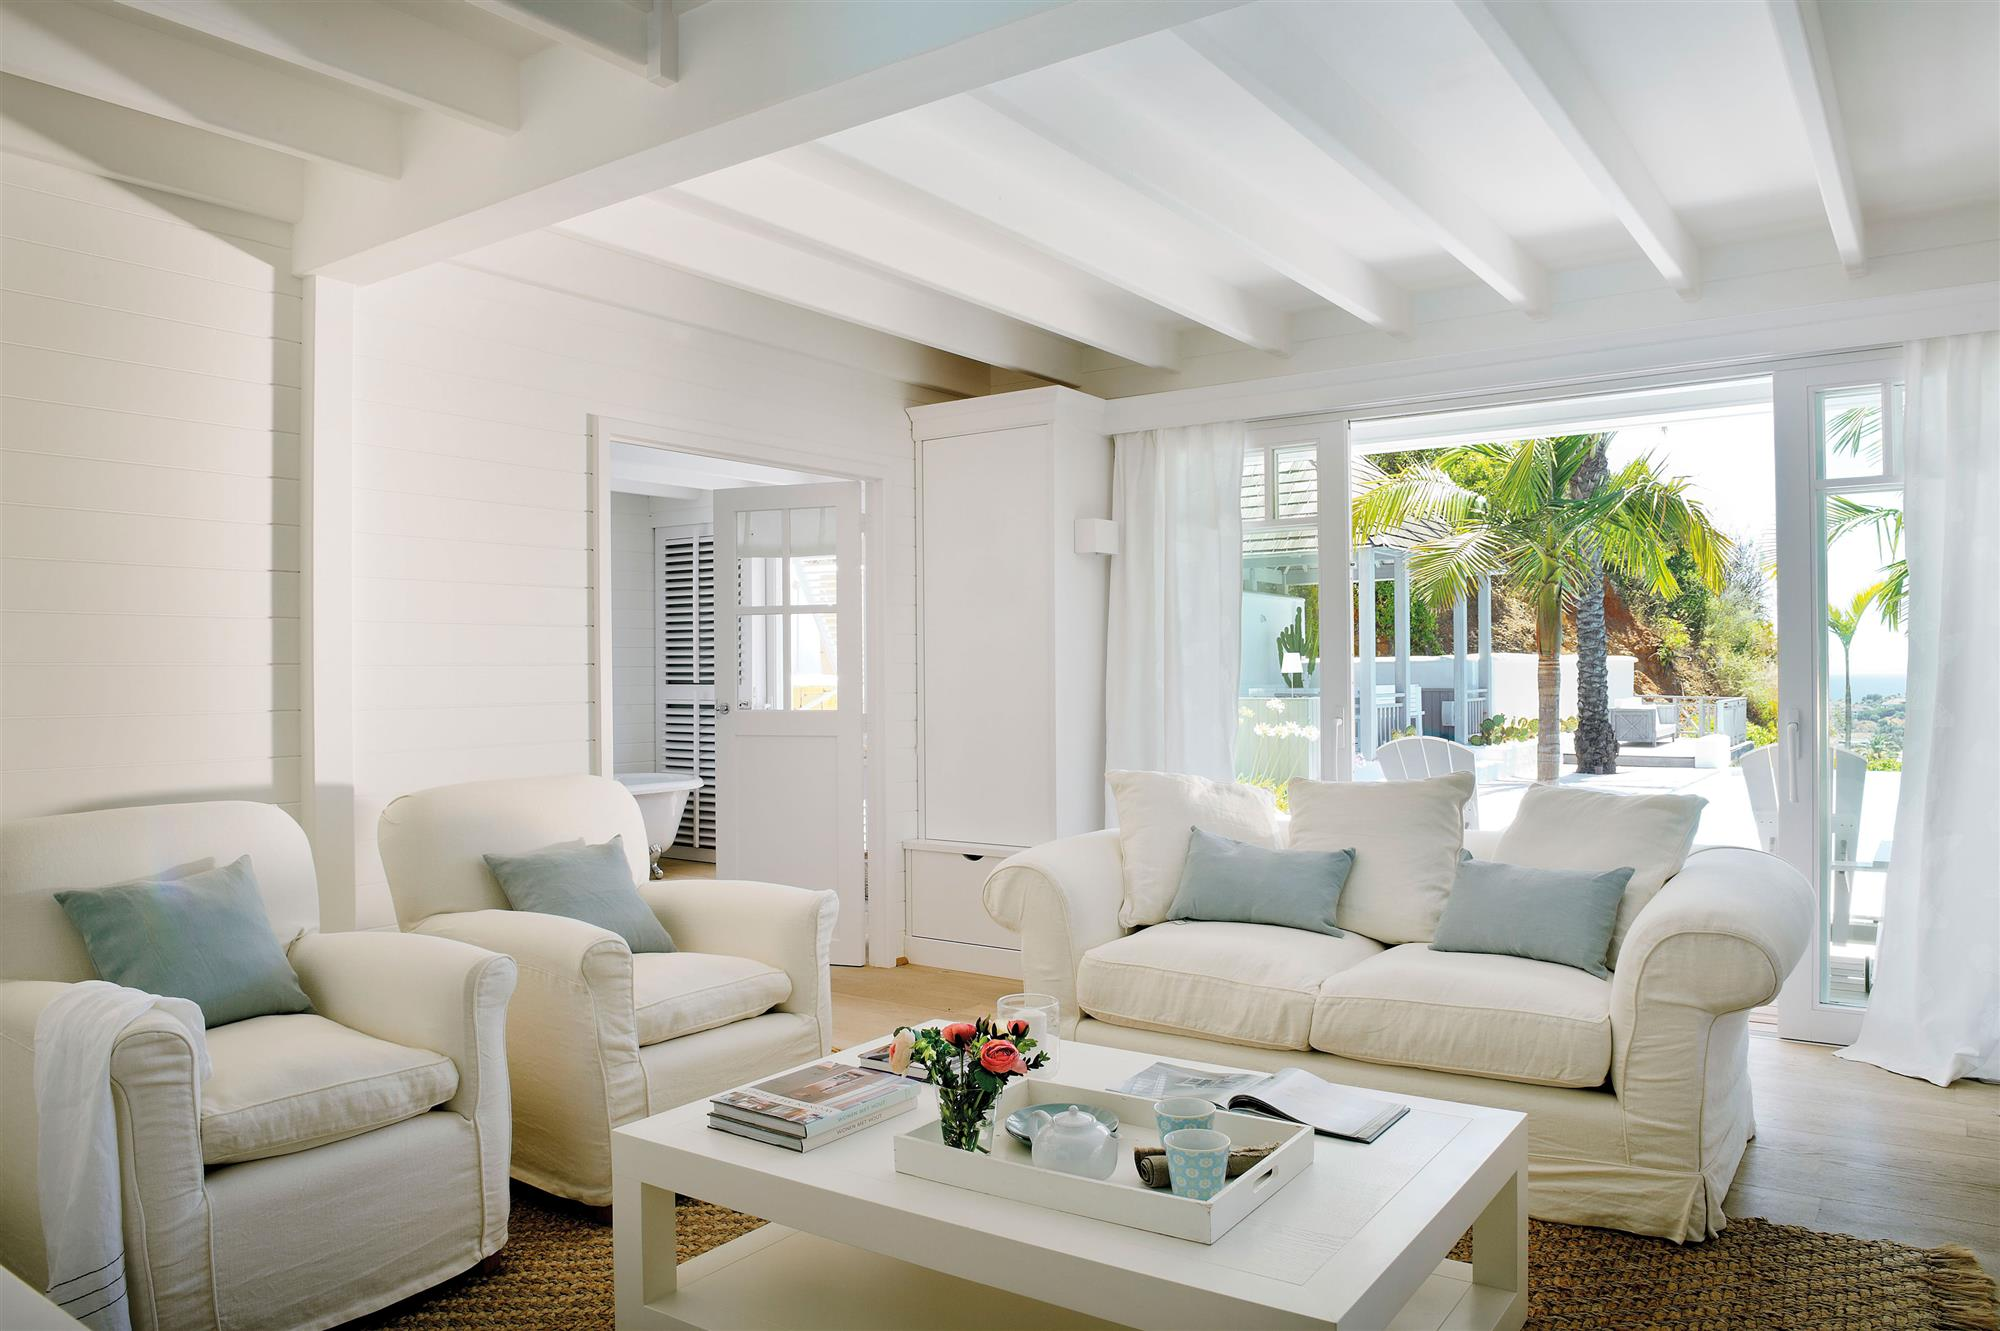 Pintar la casa seg n el signo del zod aco - Muebles de salon en blanco roto ...